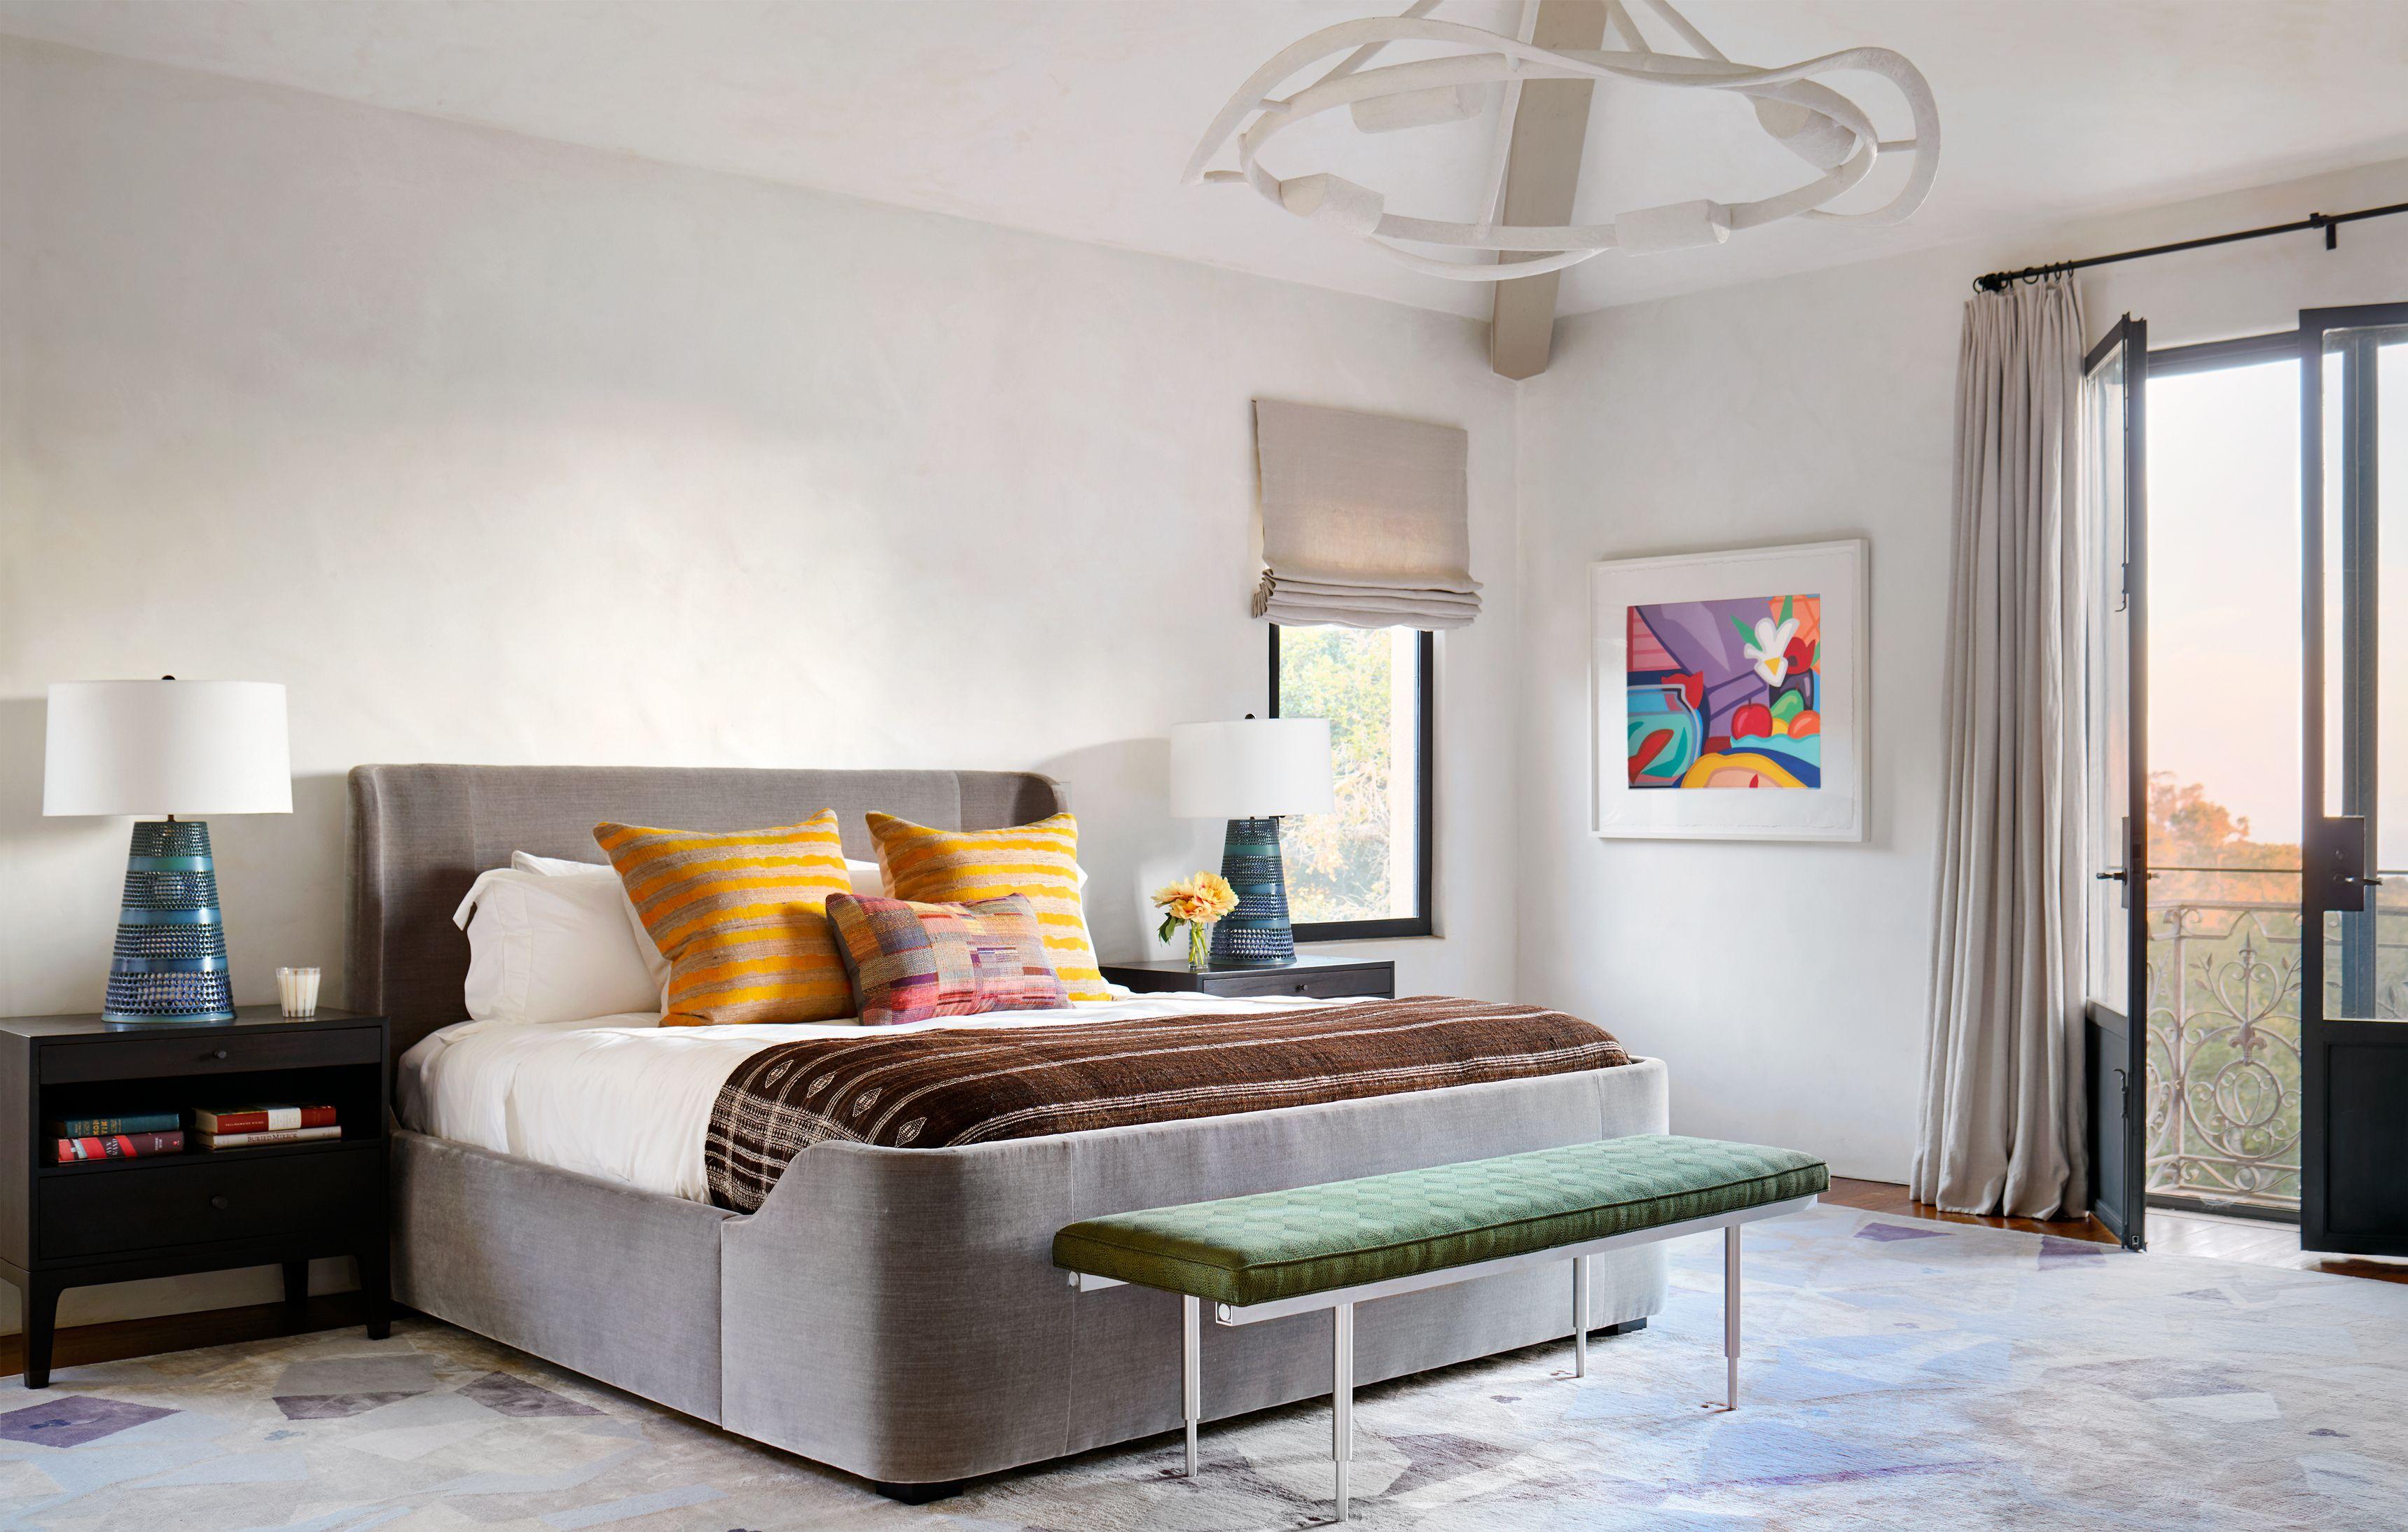 47 inspiring modern bedroom ideas